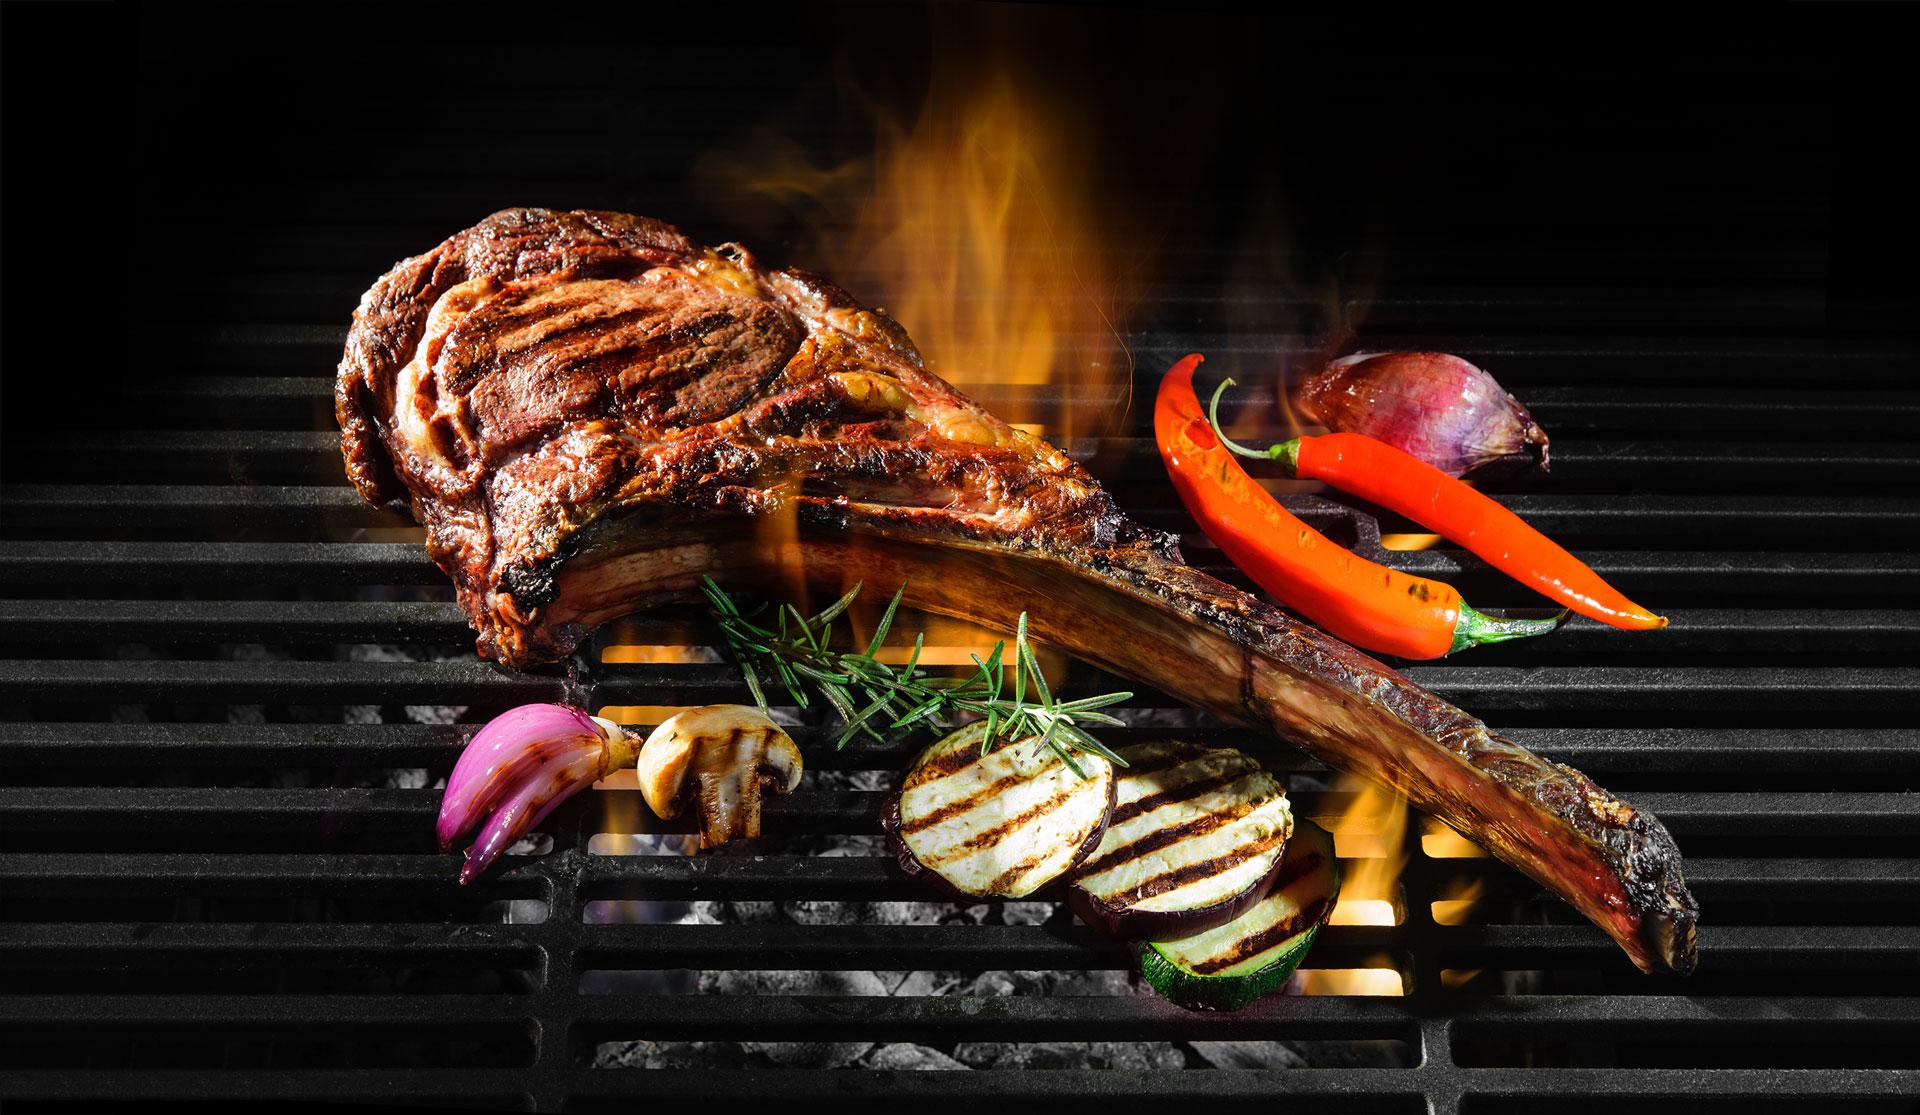 La Parrilla Ristorante Grill Argentino